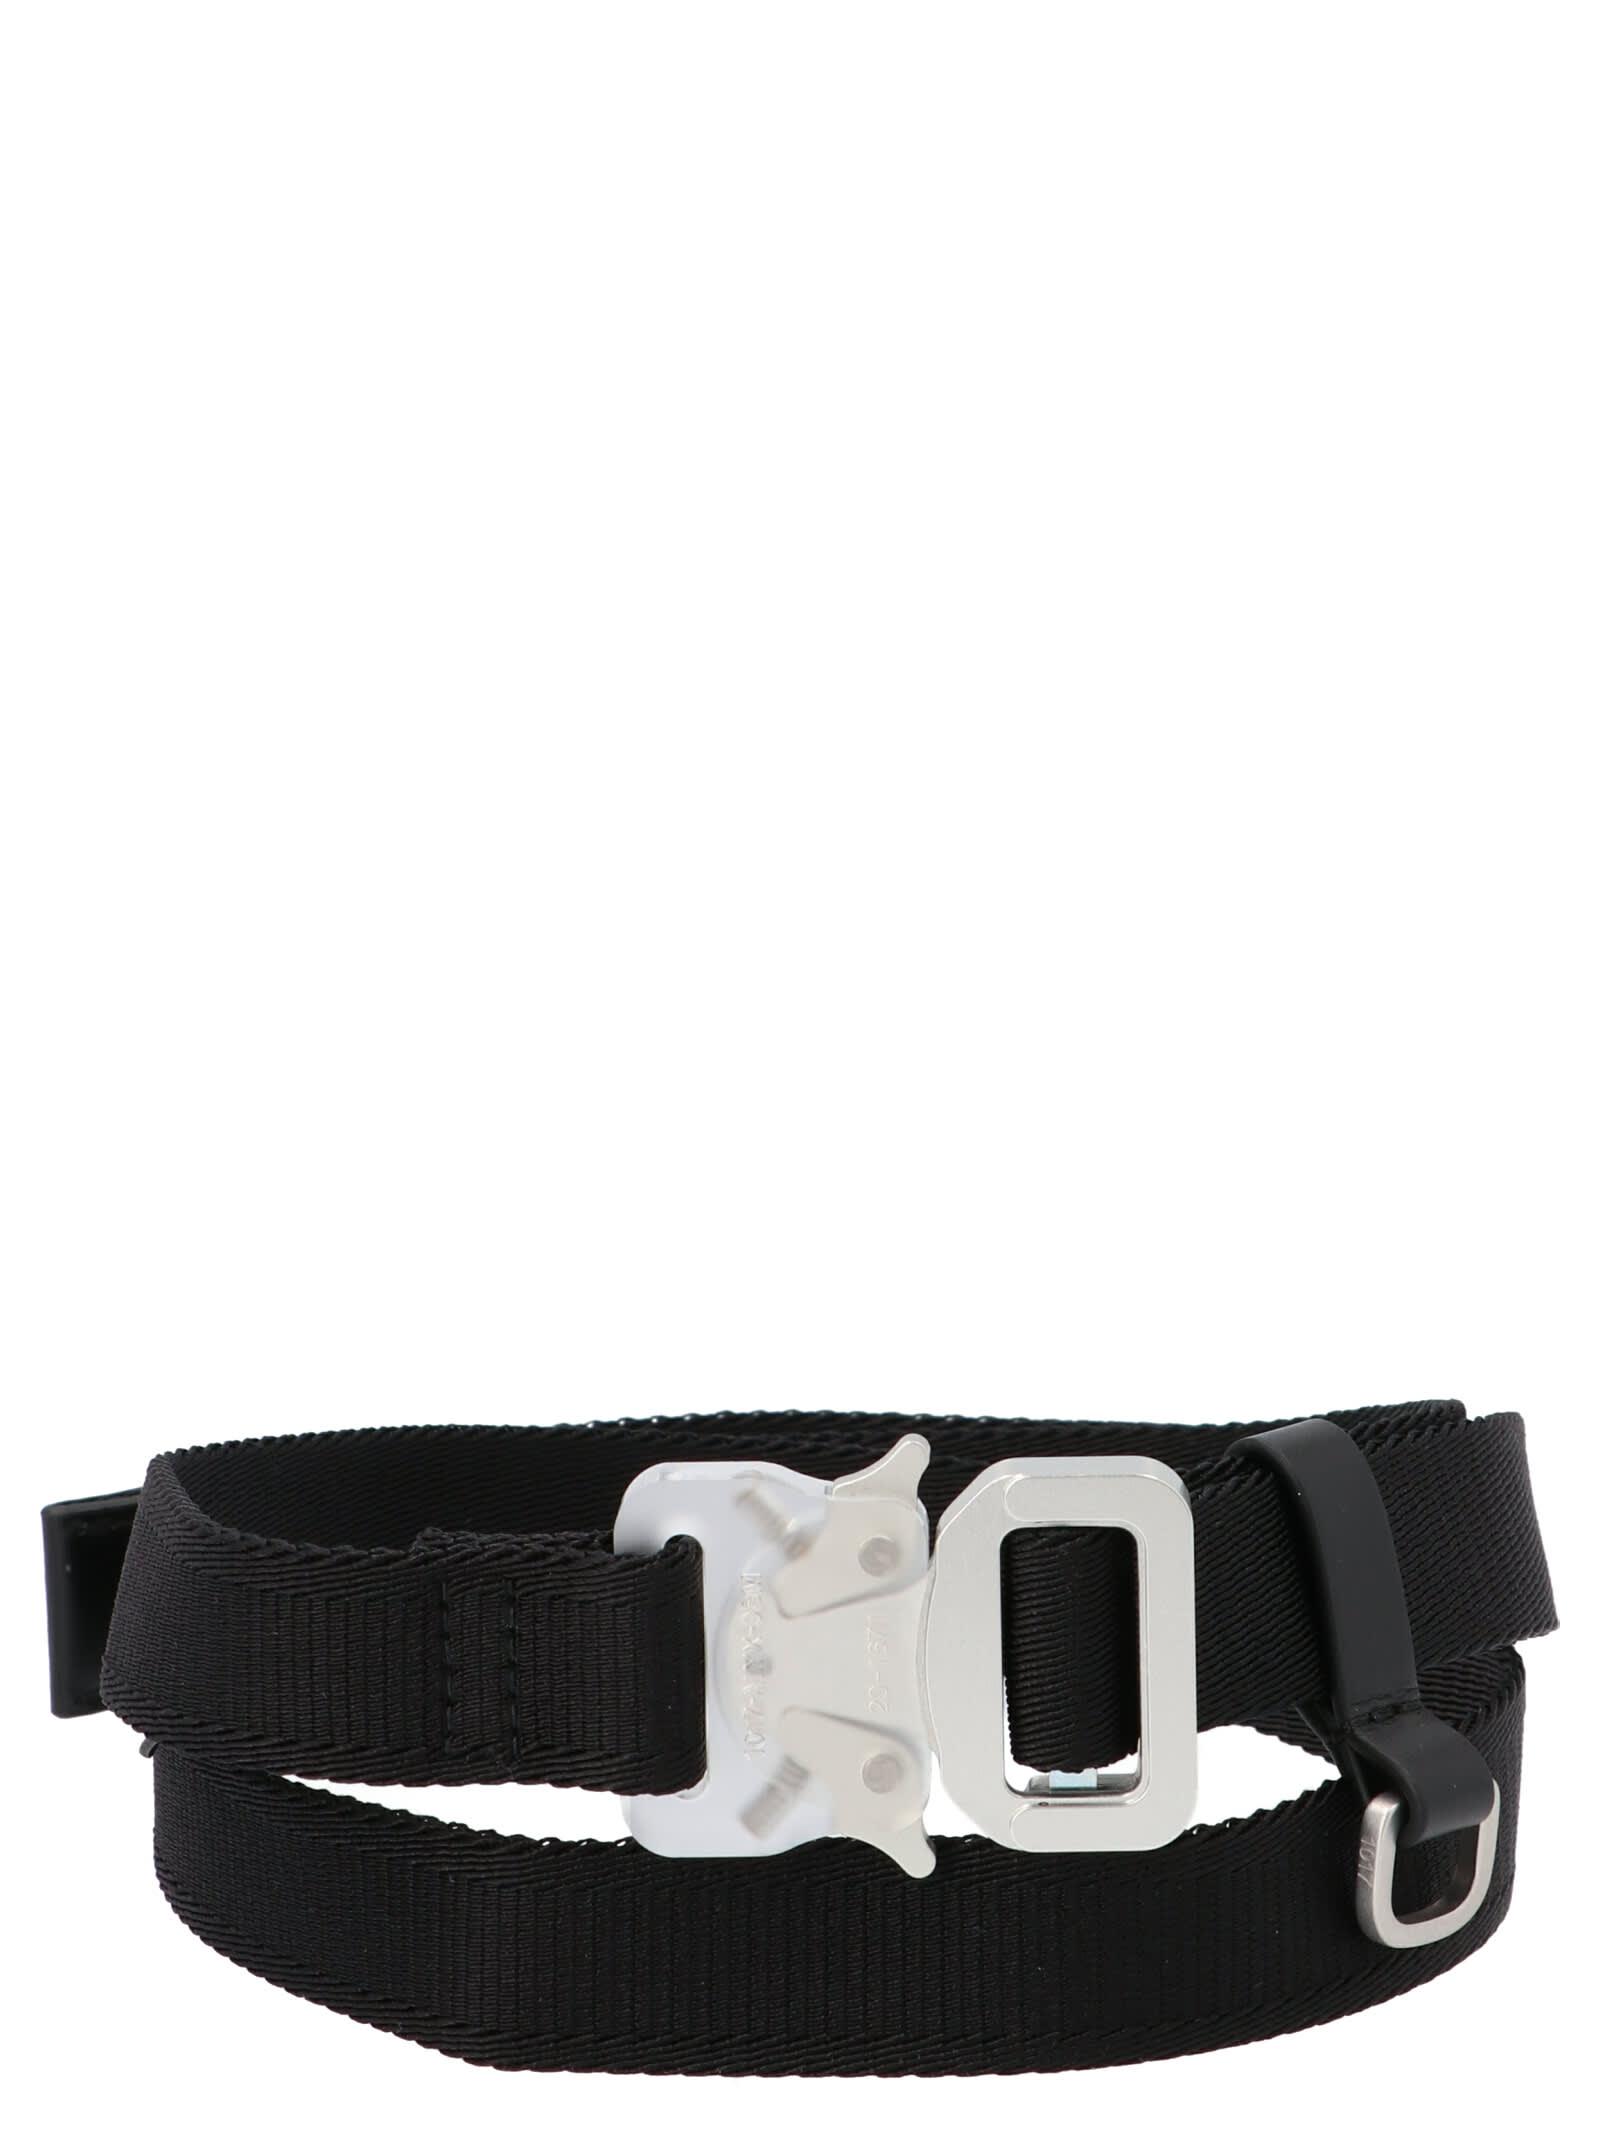 Alyx Belts 1017 ALYX 9SM ROLLERCOASTER BELT